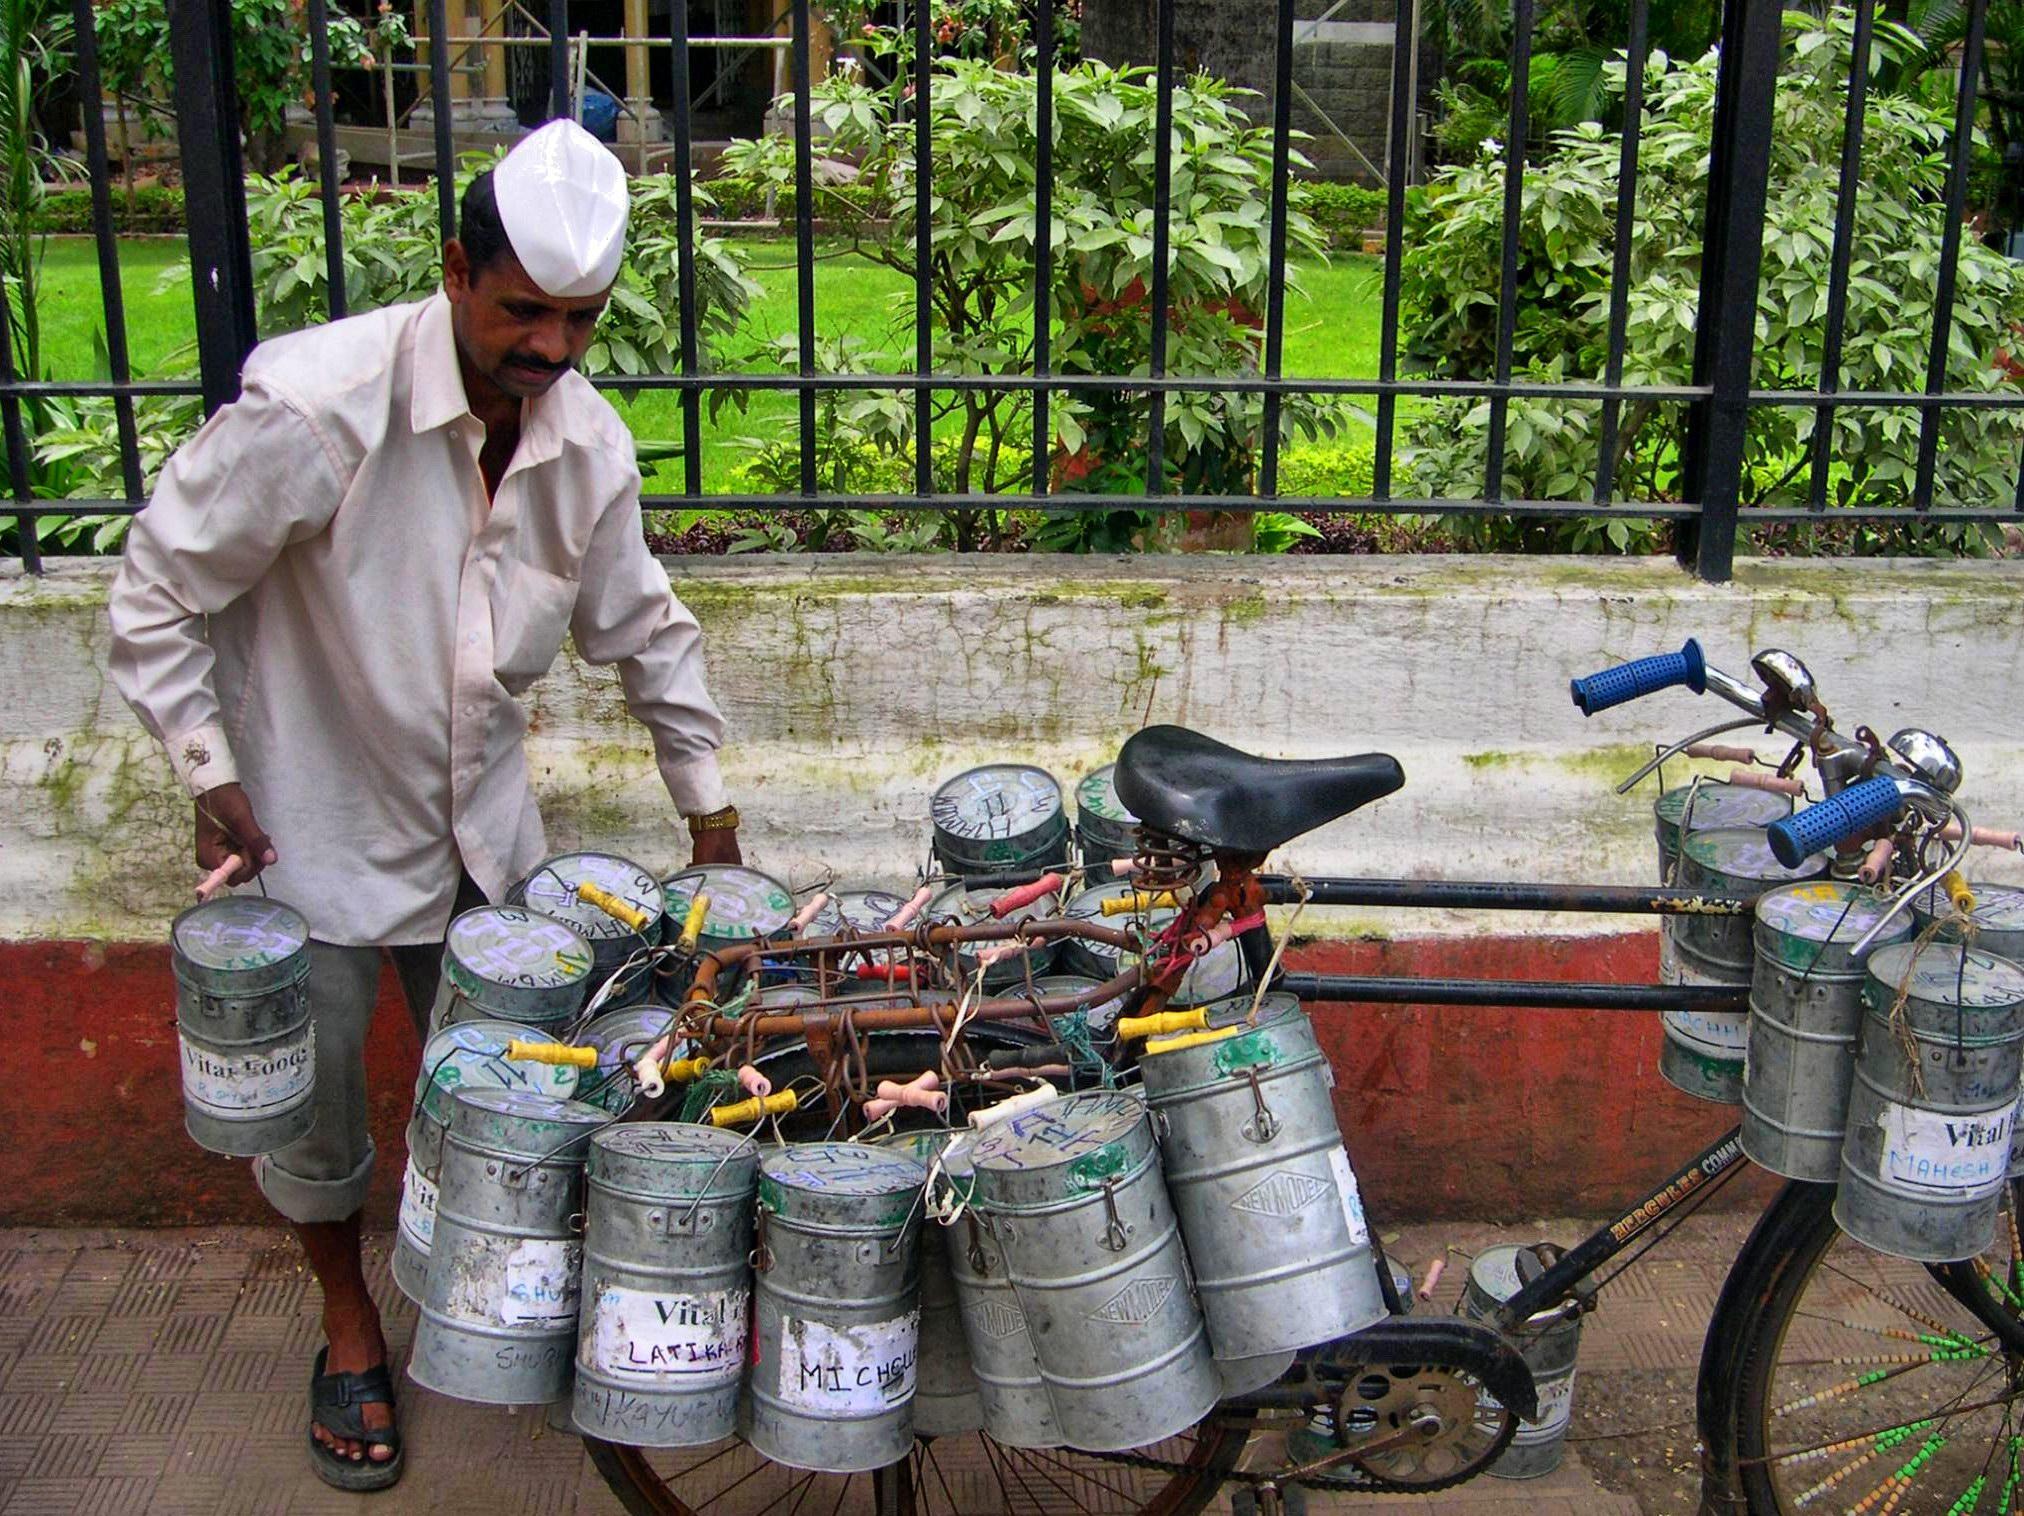 A Dabbawalla in Mumbai